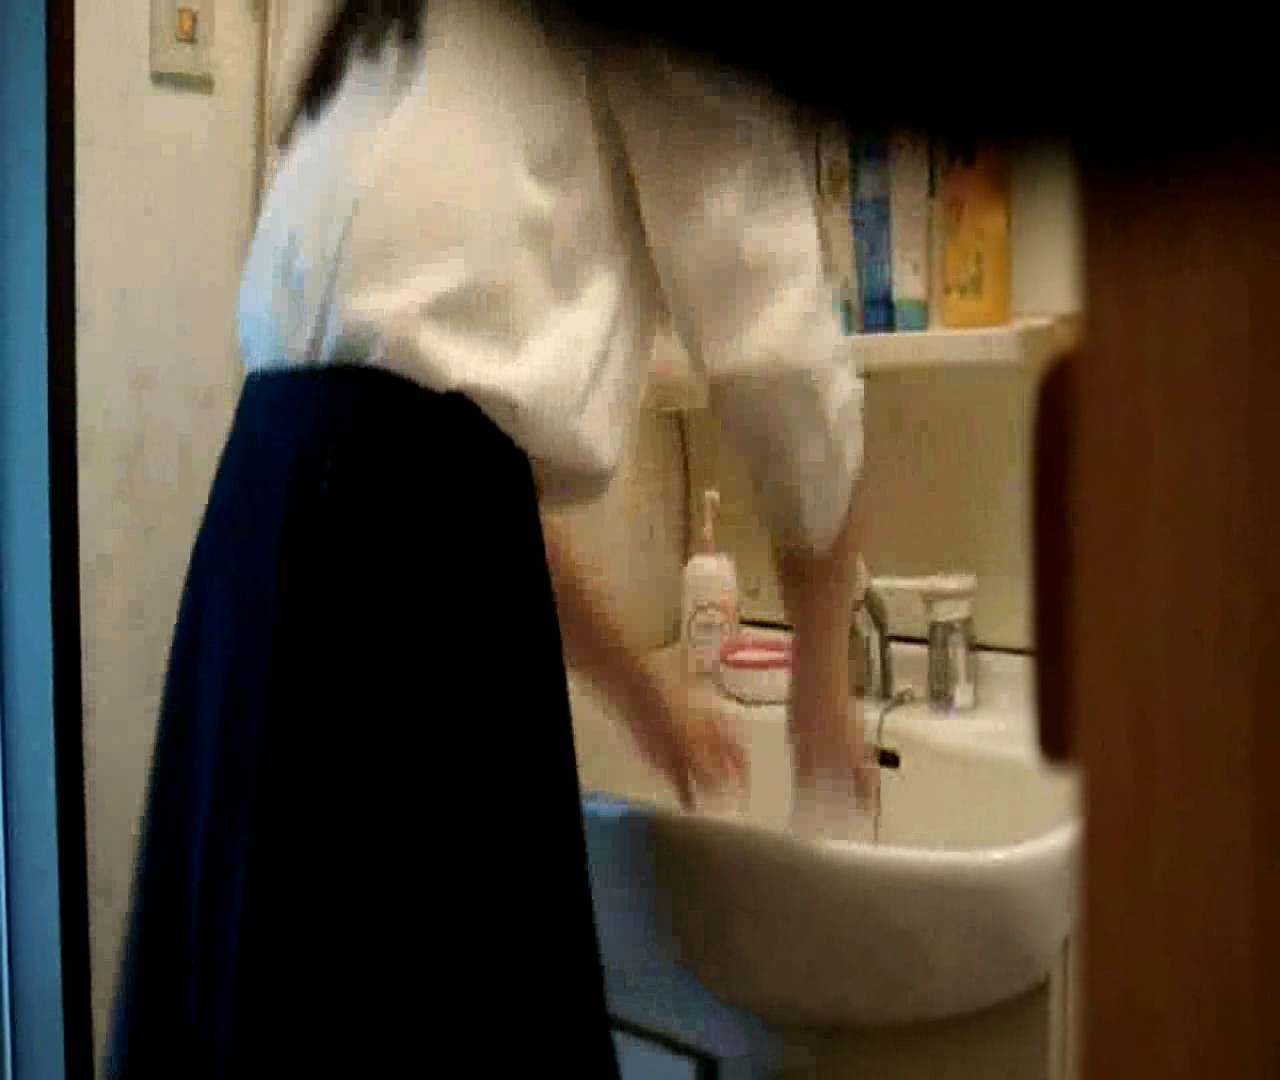 無修正エロ動画|vol.5 まどかが帰宅後の洗顔後にブラを洗ってます。|怪盗ジョーカー